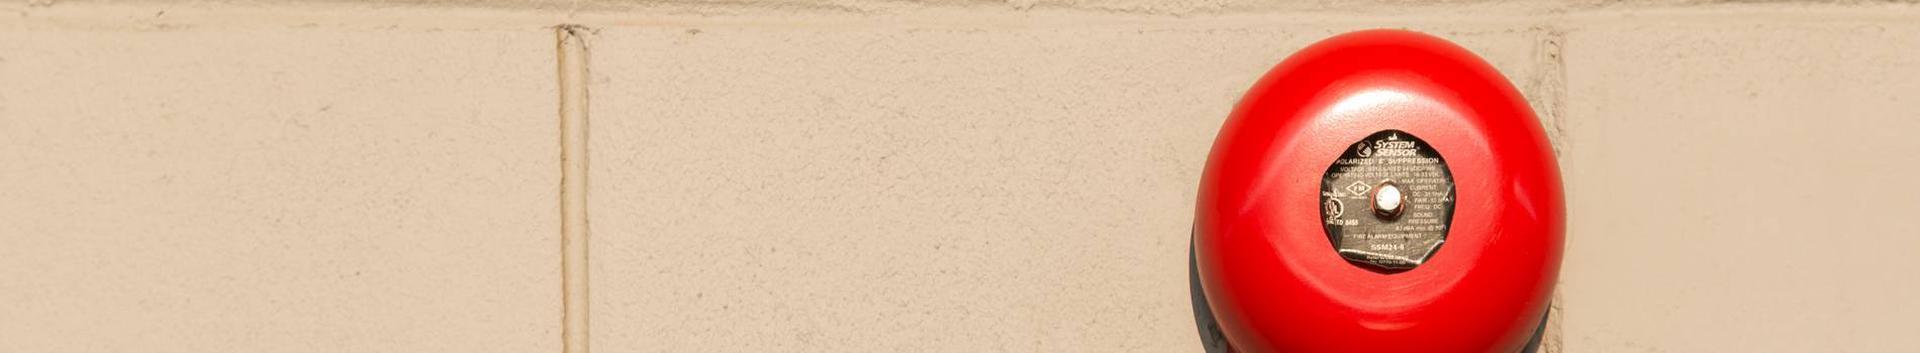 paber, papp ja nendest valmistatud tooted, köitematerjal, fotod, kirjatarbed, majapidamis- ja kantseleiliimid, kunstnikutarbed, pintslid, kirjutusmasinad ja kantseleitarbed (v.a mööbel), õppematerjalid ja näitvahendid (v.a aparaadid)